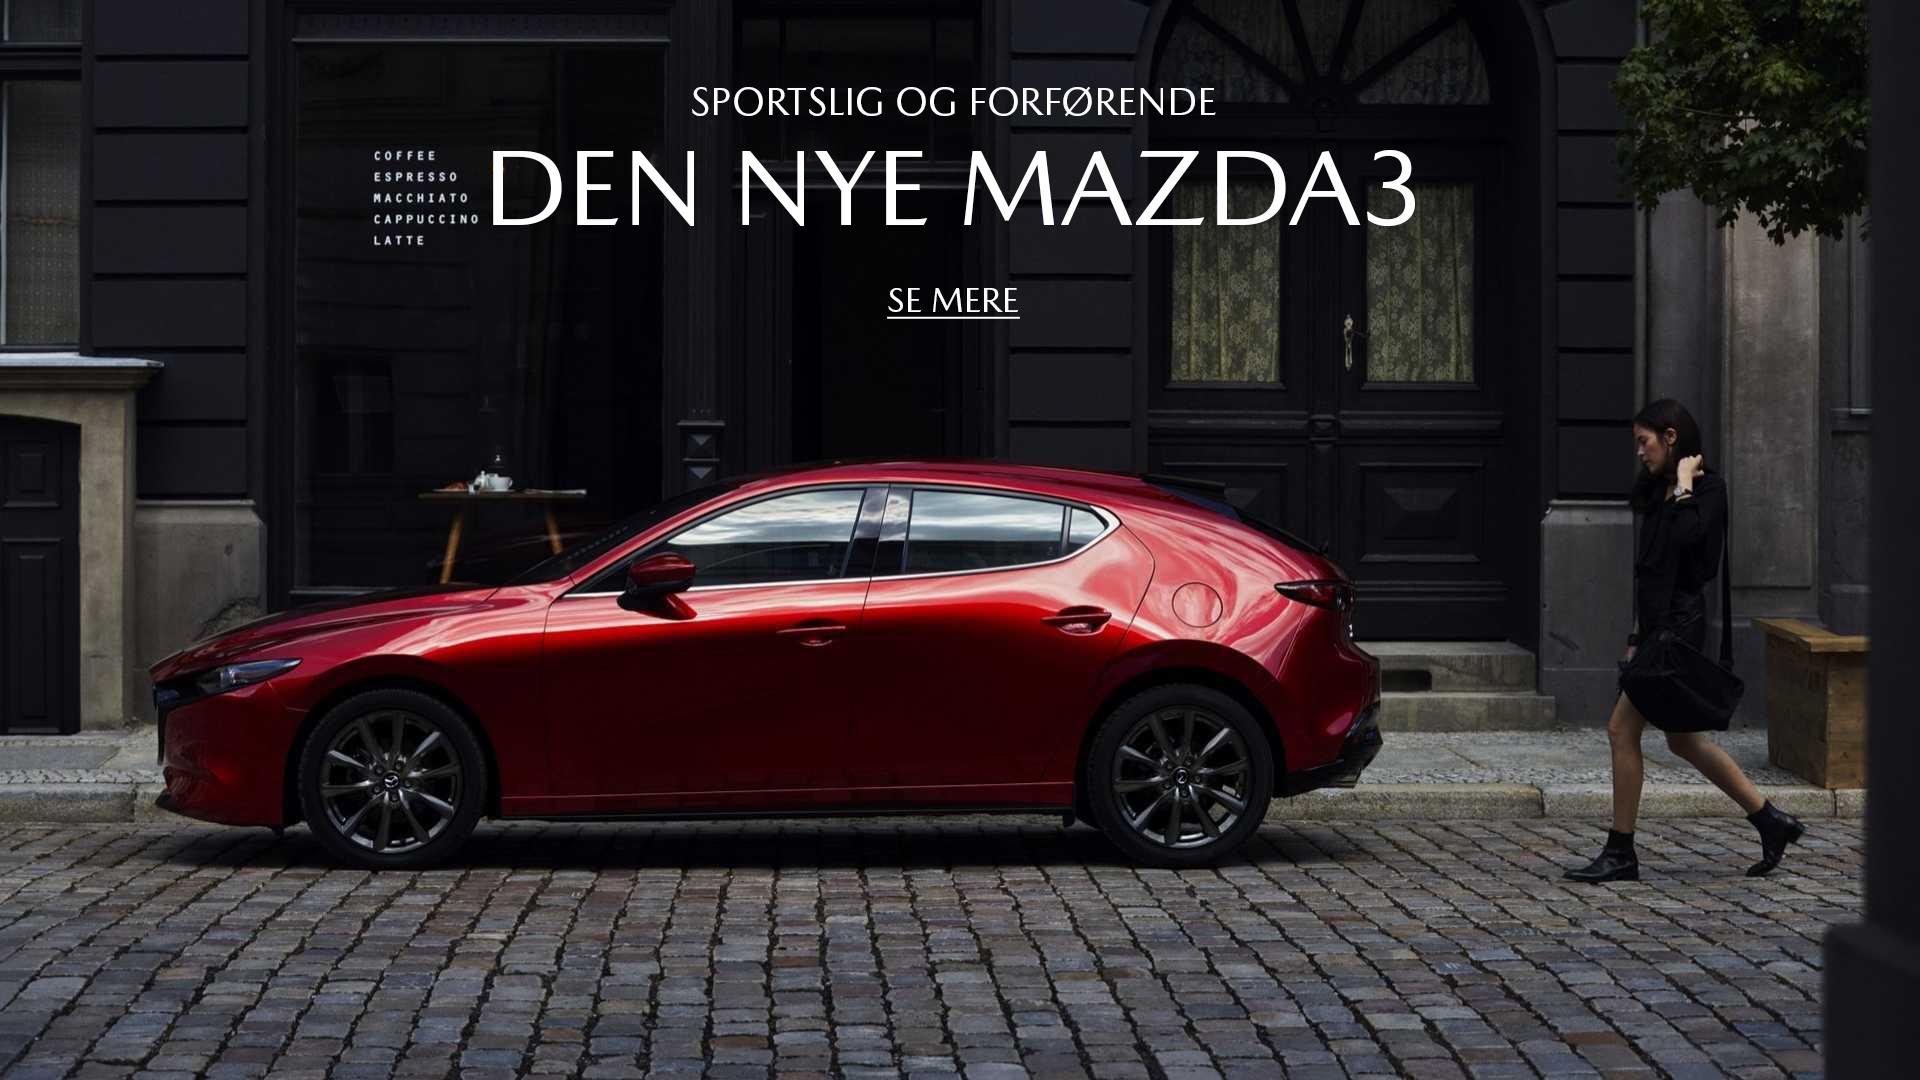 Oplev den nye Mazda3 i en af vores Mazda forretninger i Storkøbenhavn